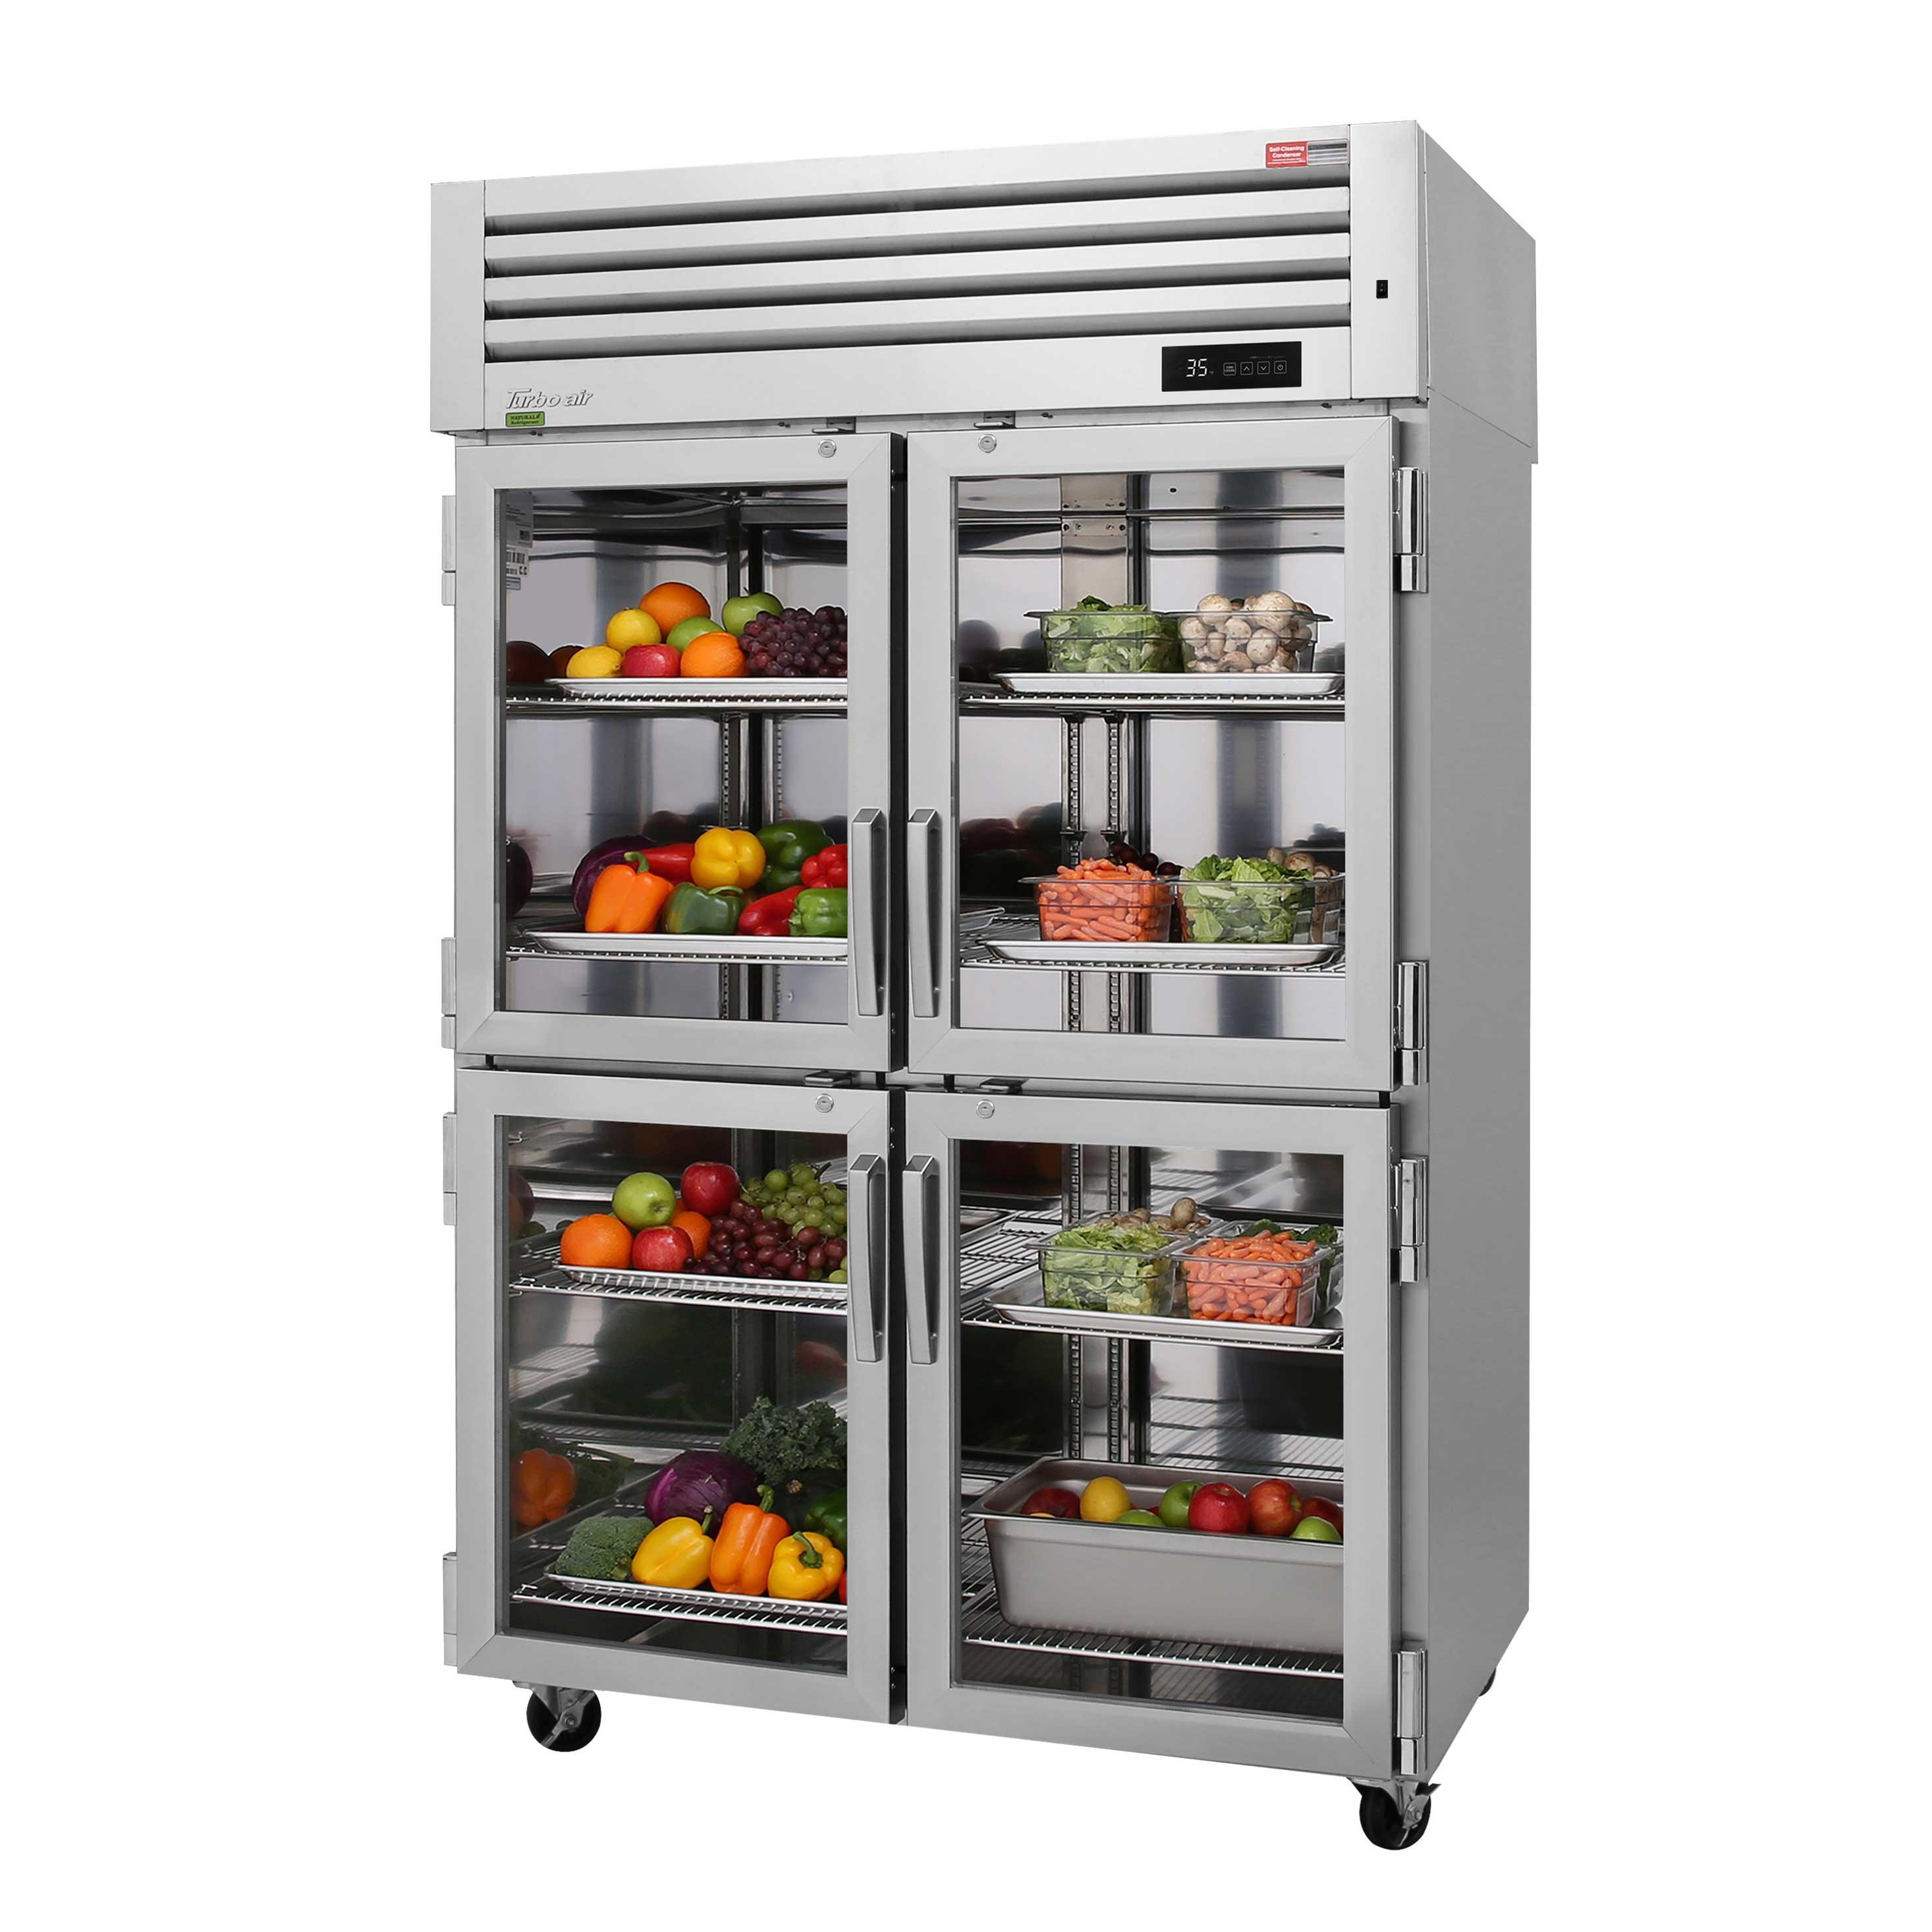 Turbo Air PRO-50-4R-G-N refrigerator, reach-in